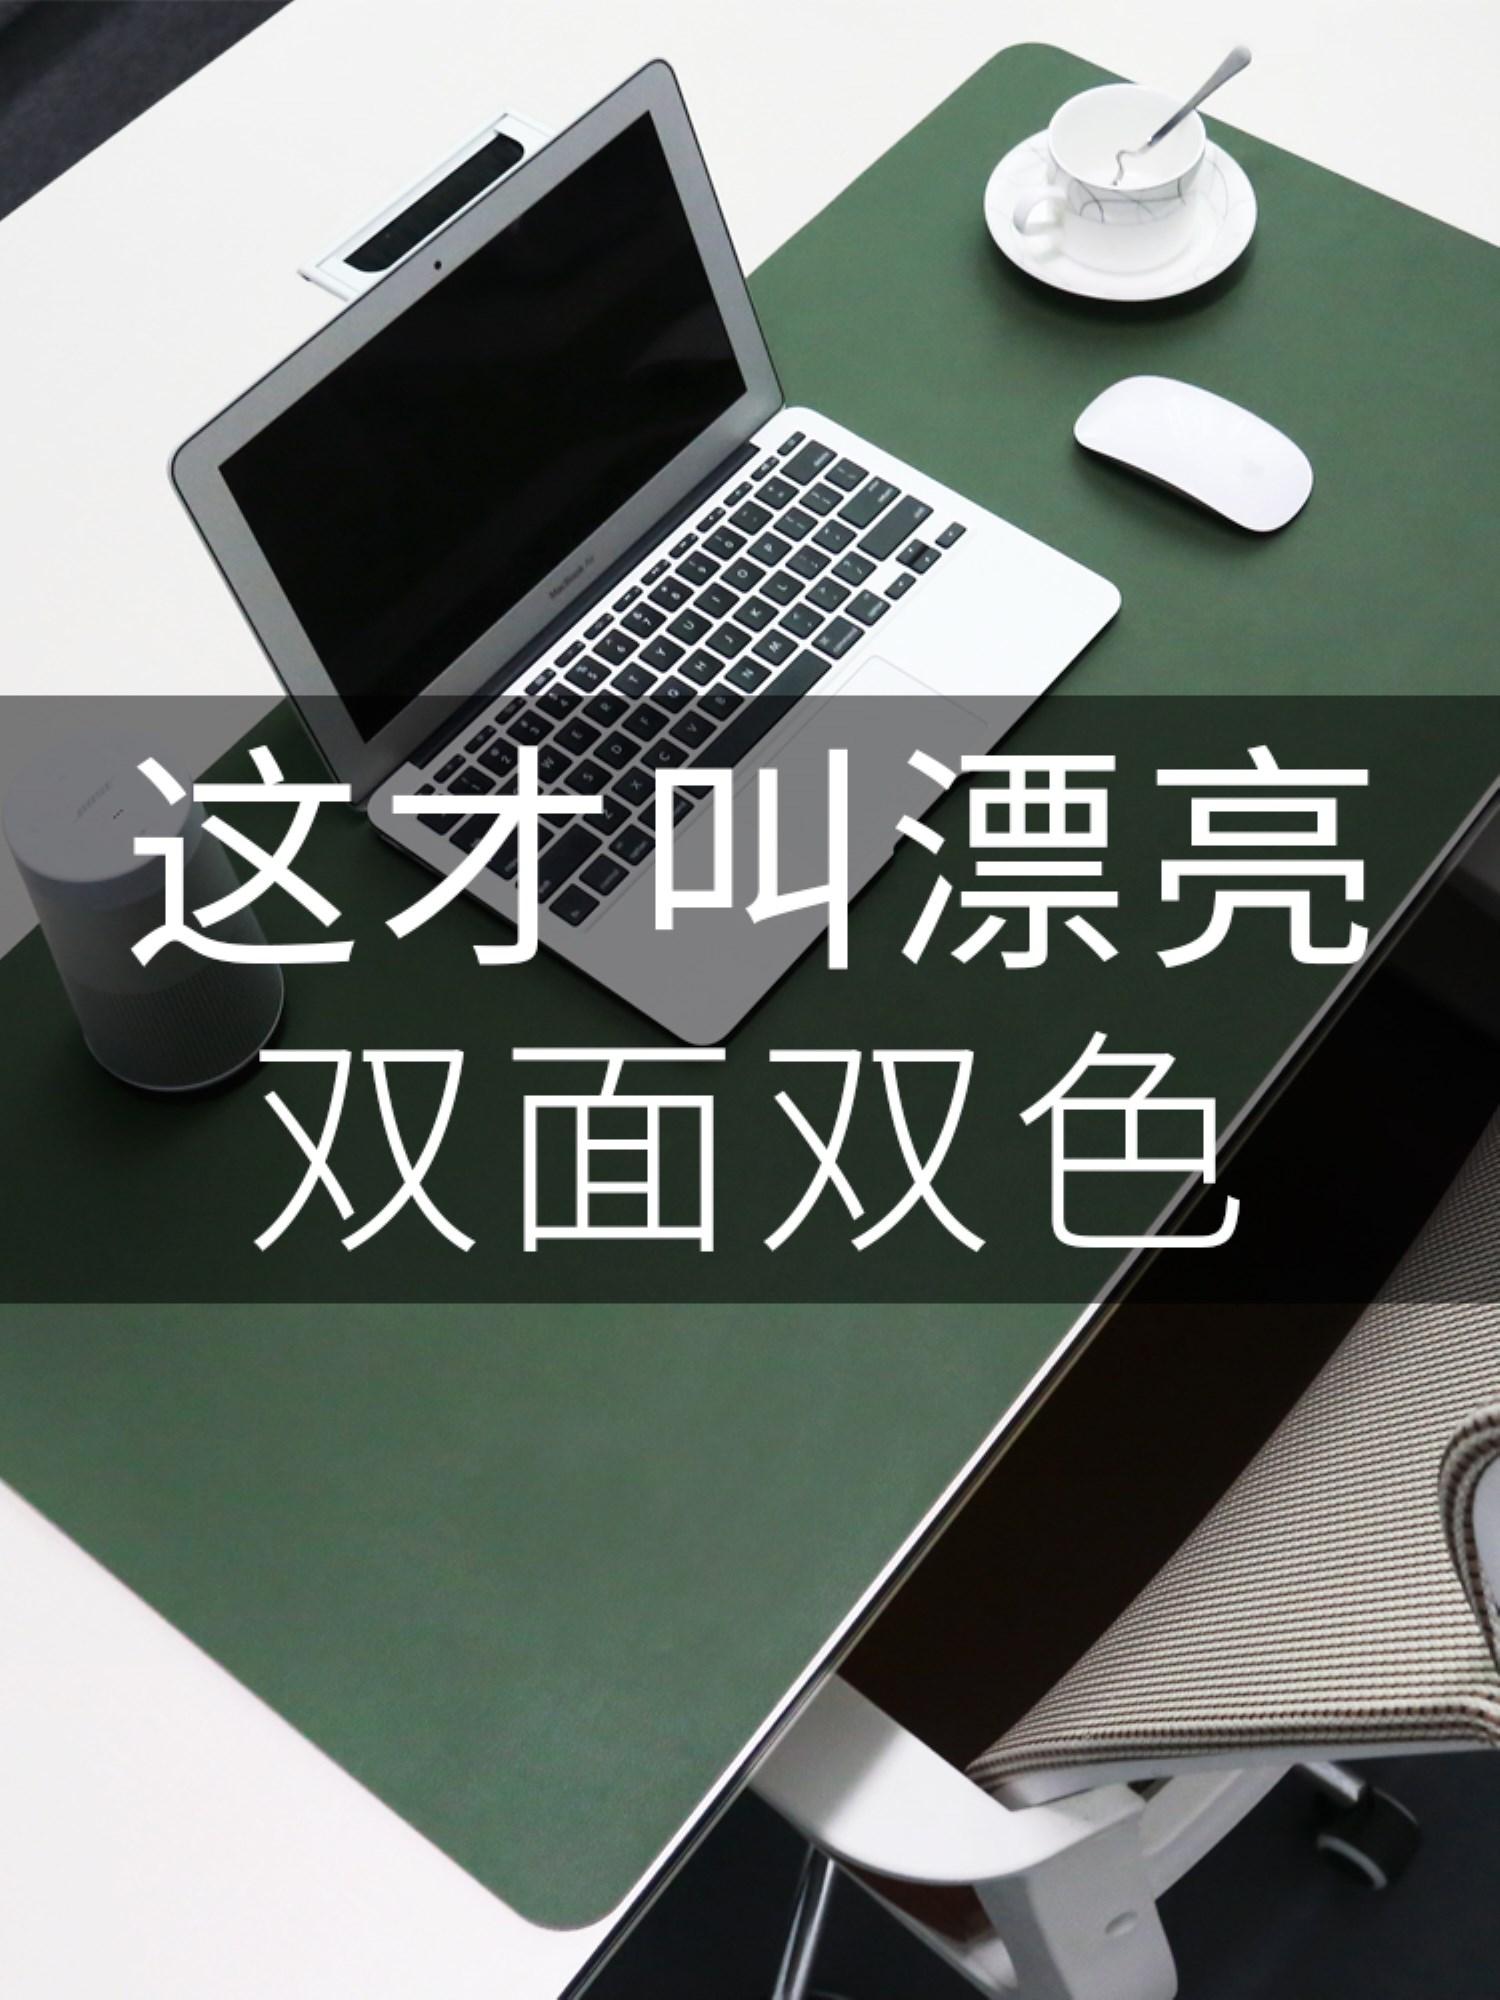 大鼠标垫超大号大号桌垫简约女笔记本电脑垫键盘办公学生写字台书桌垫男桌面家用桌布办公室防水垫子超大定制